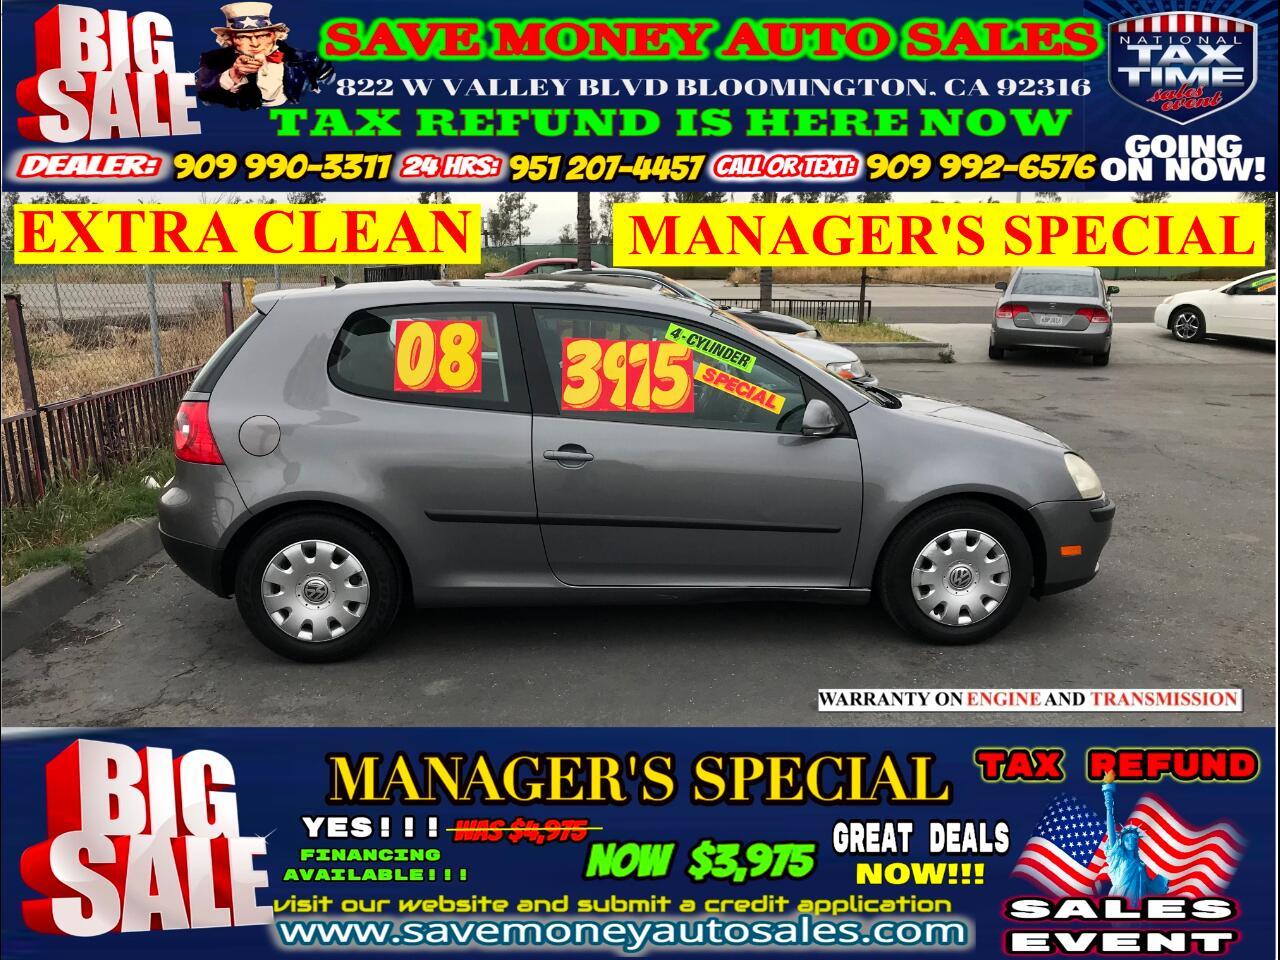 2008 Volkswagen Rabbit S> 5 CYLINDERS> EXTRA CLEAN>